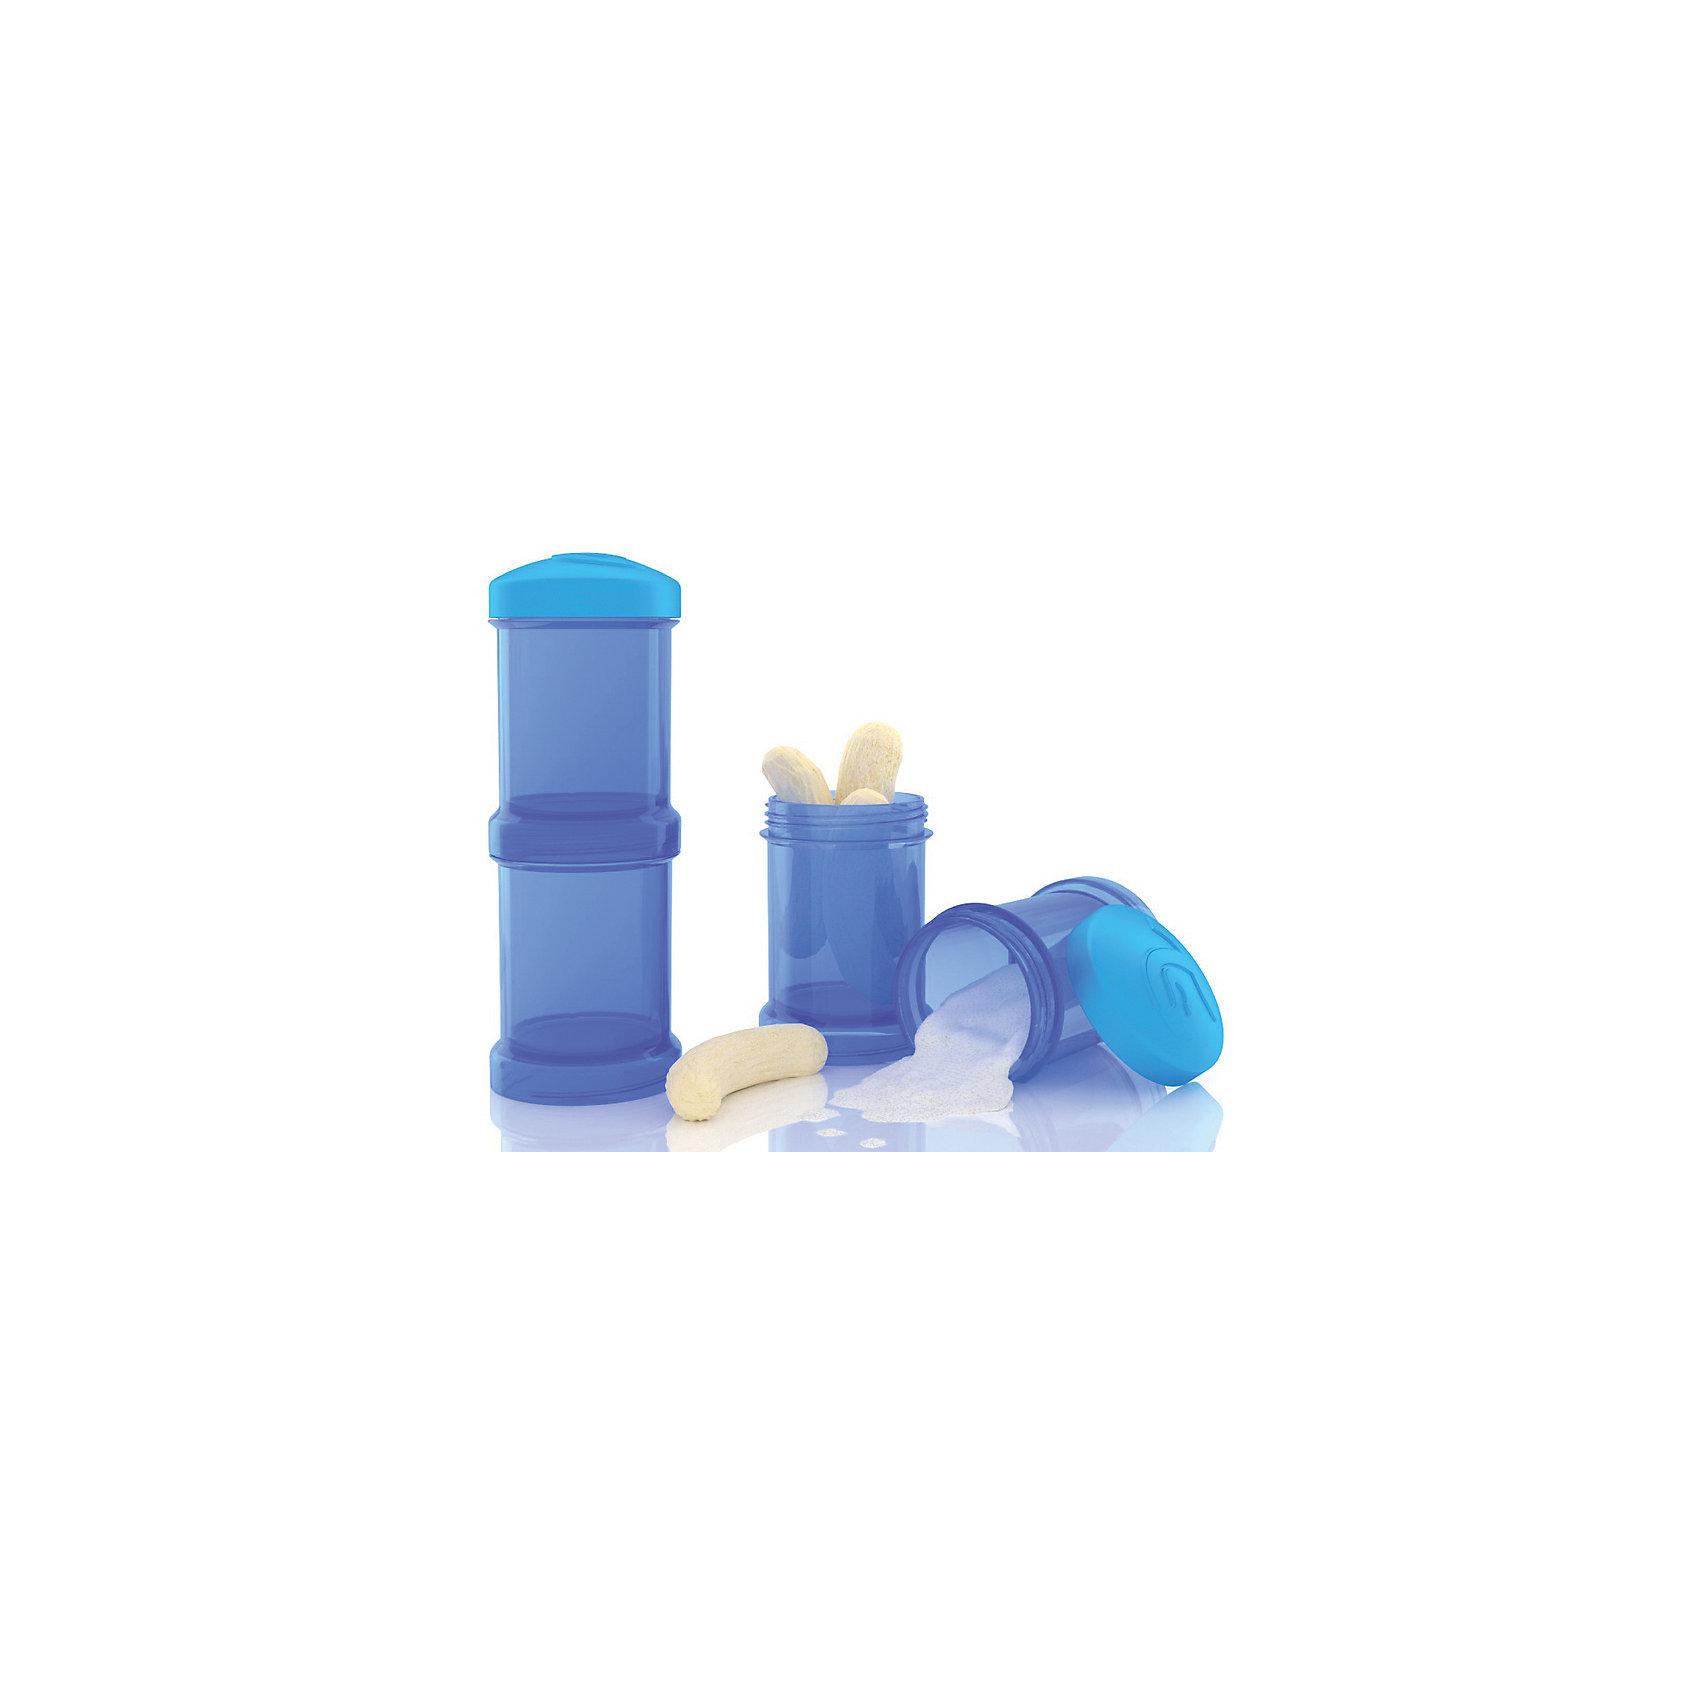 Контейнер для сухой смеси 100 мл. 2 шт., TwistShake, синий (Twistshake)